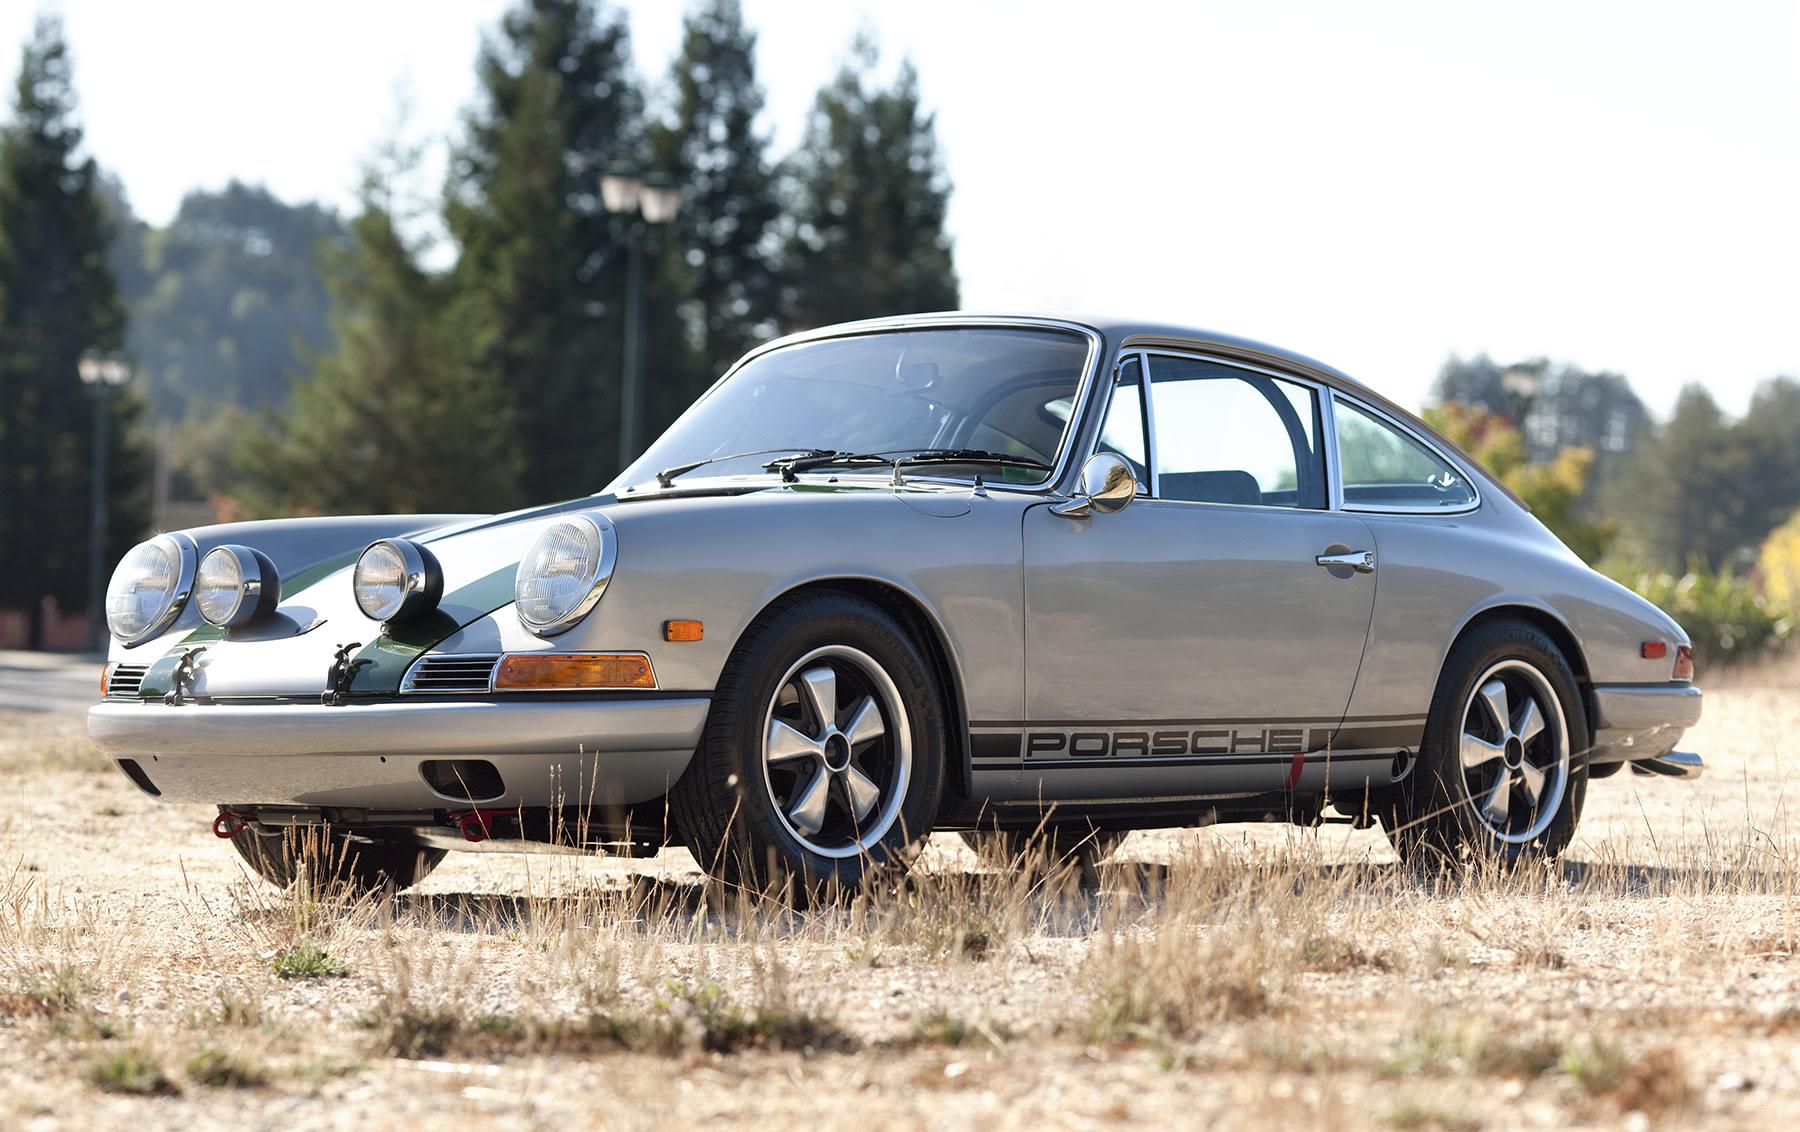 1968 Porsche 911 L Rally Car